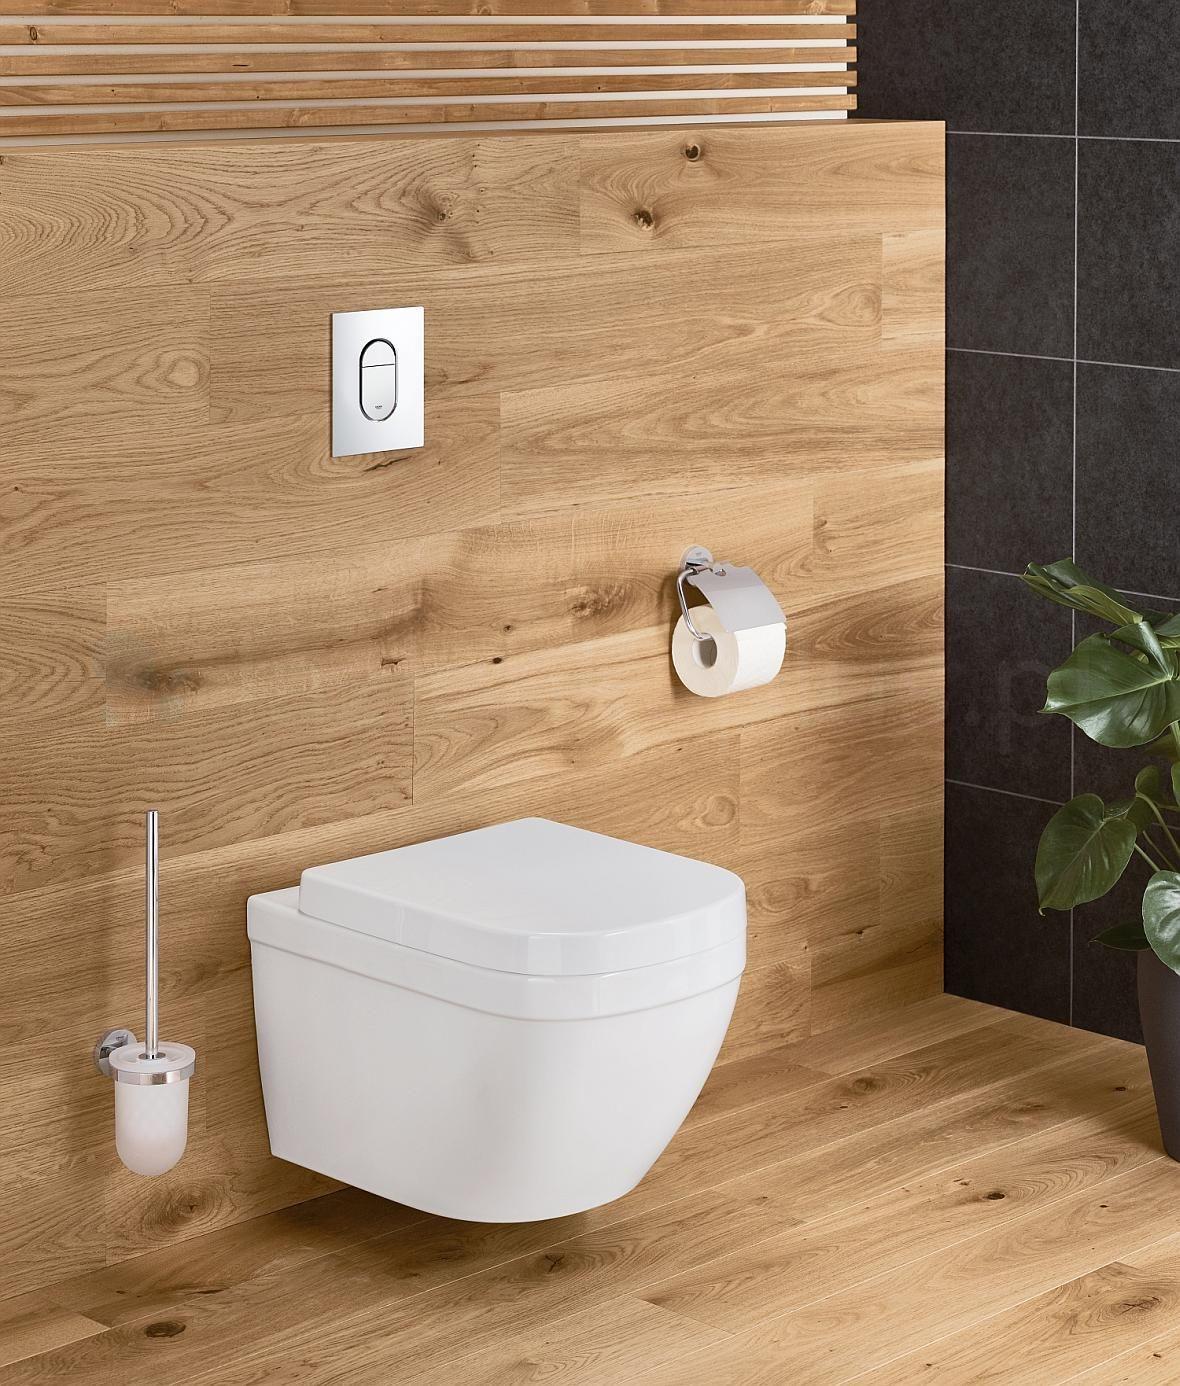 Grohe Euro łazienka W Drewnie Kuchnie I łazienki